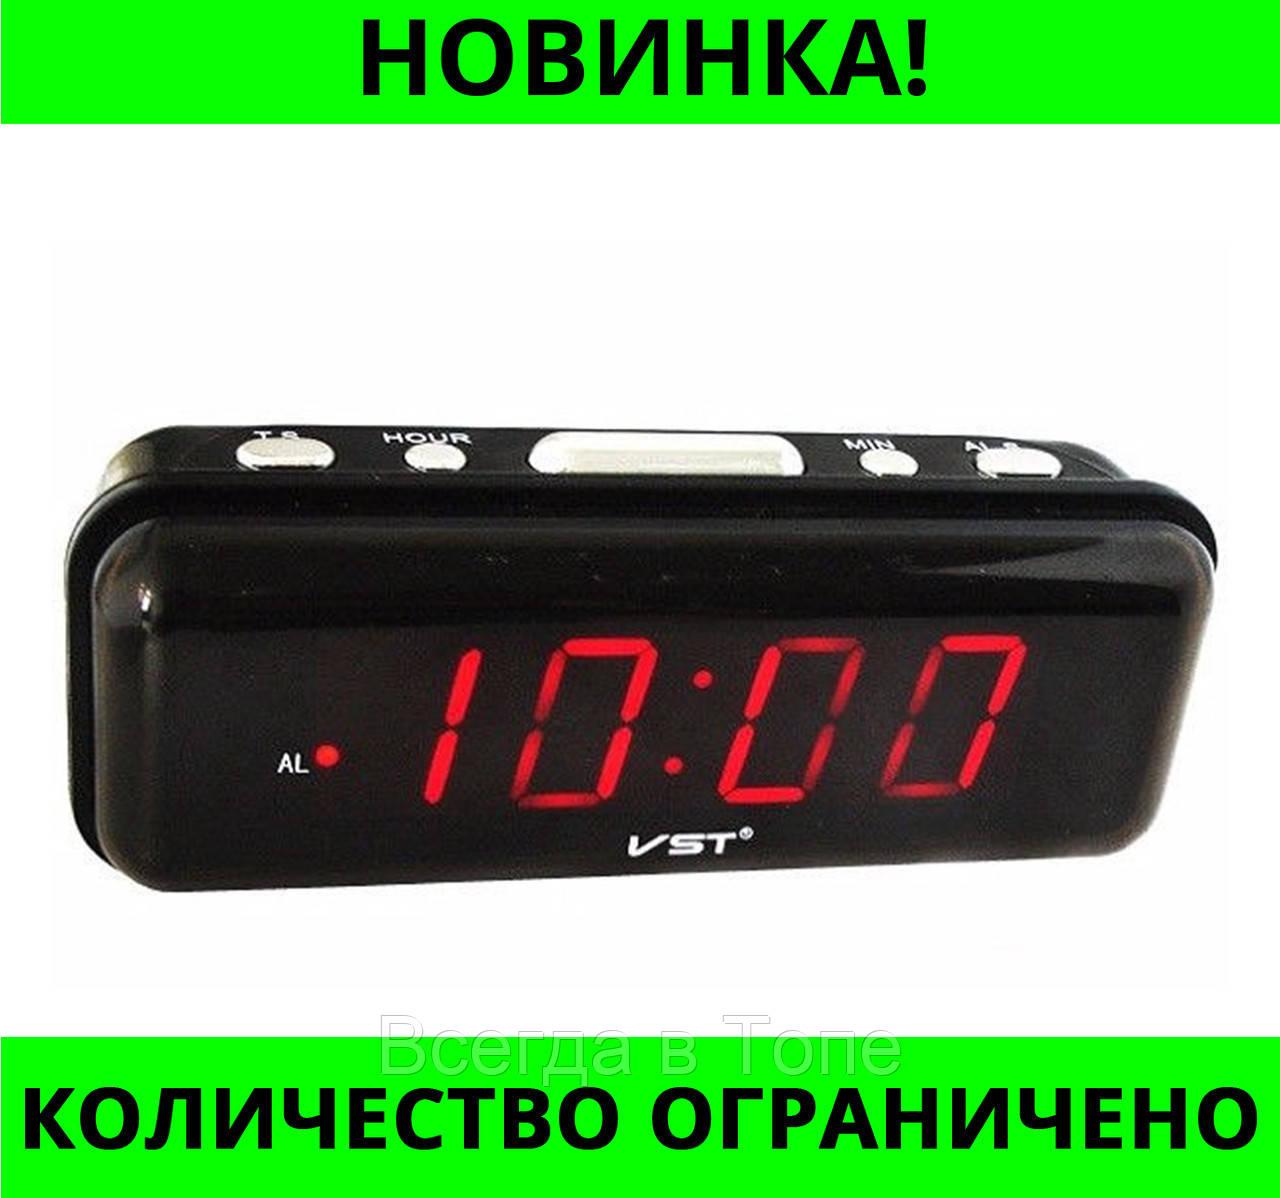 db28187a Часы электронные VST 738-1 с красной подсветкой!Лучшая цена - Всегда в Топе